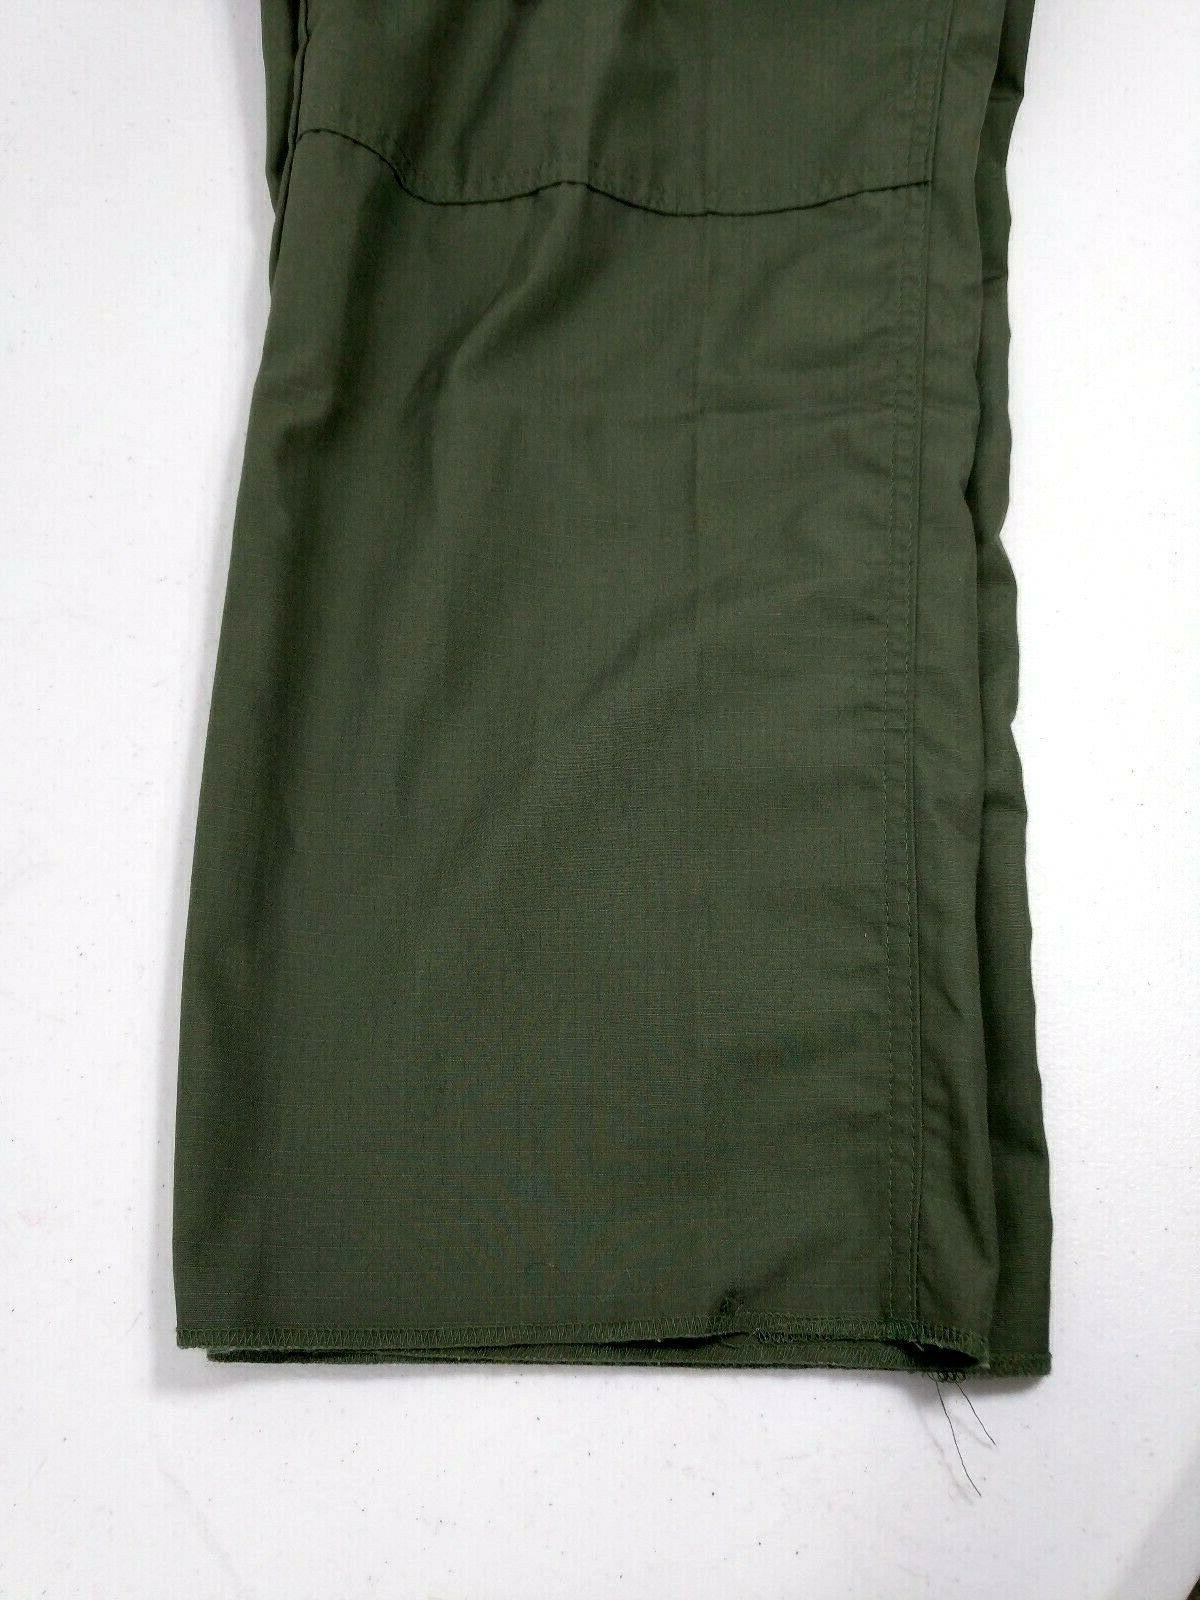 Propper Tactical Pants Green New